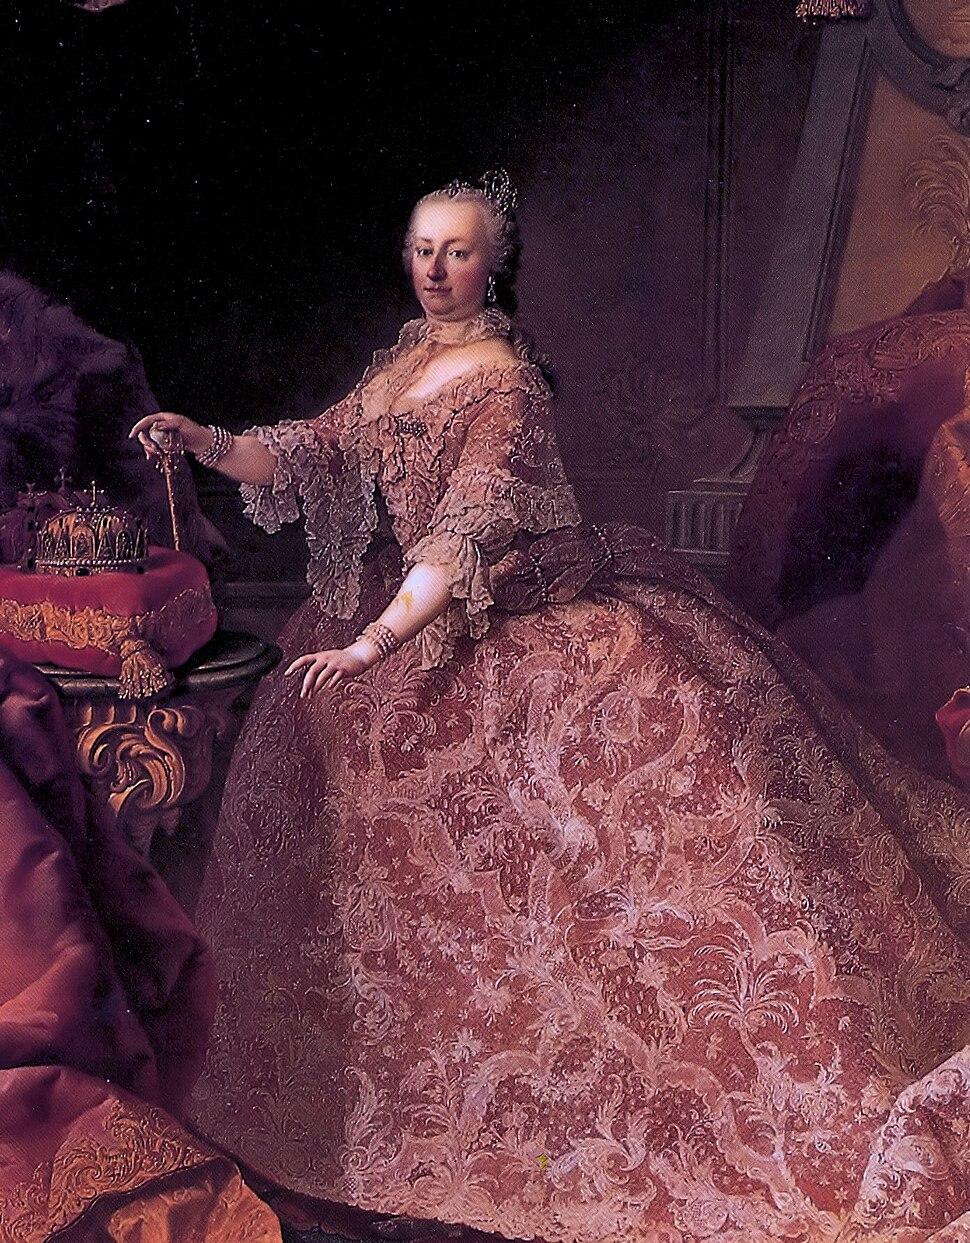 Keizerin Maria Theresia geschilderd door Martin van Meytens, 1752-53